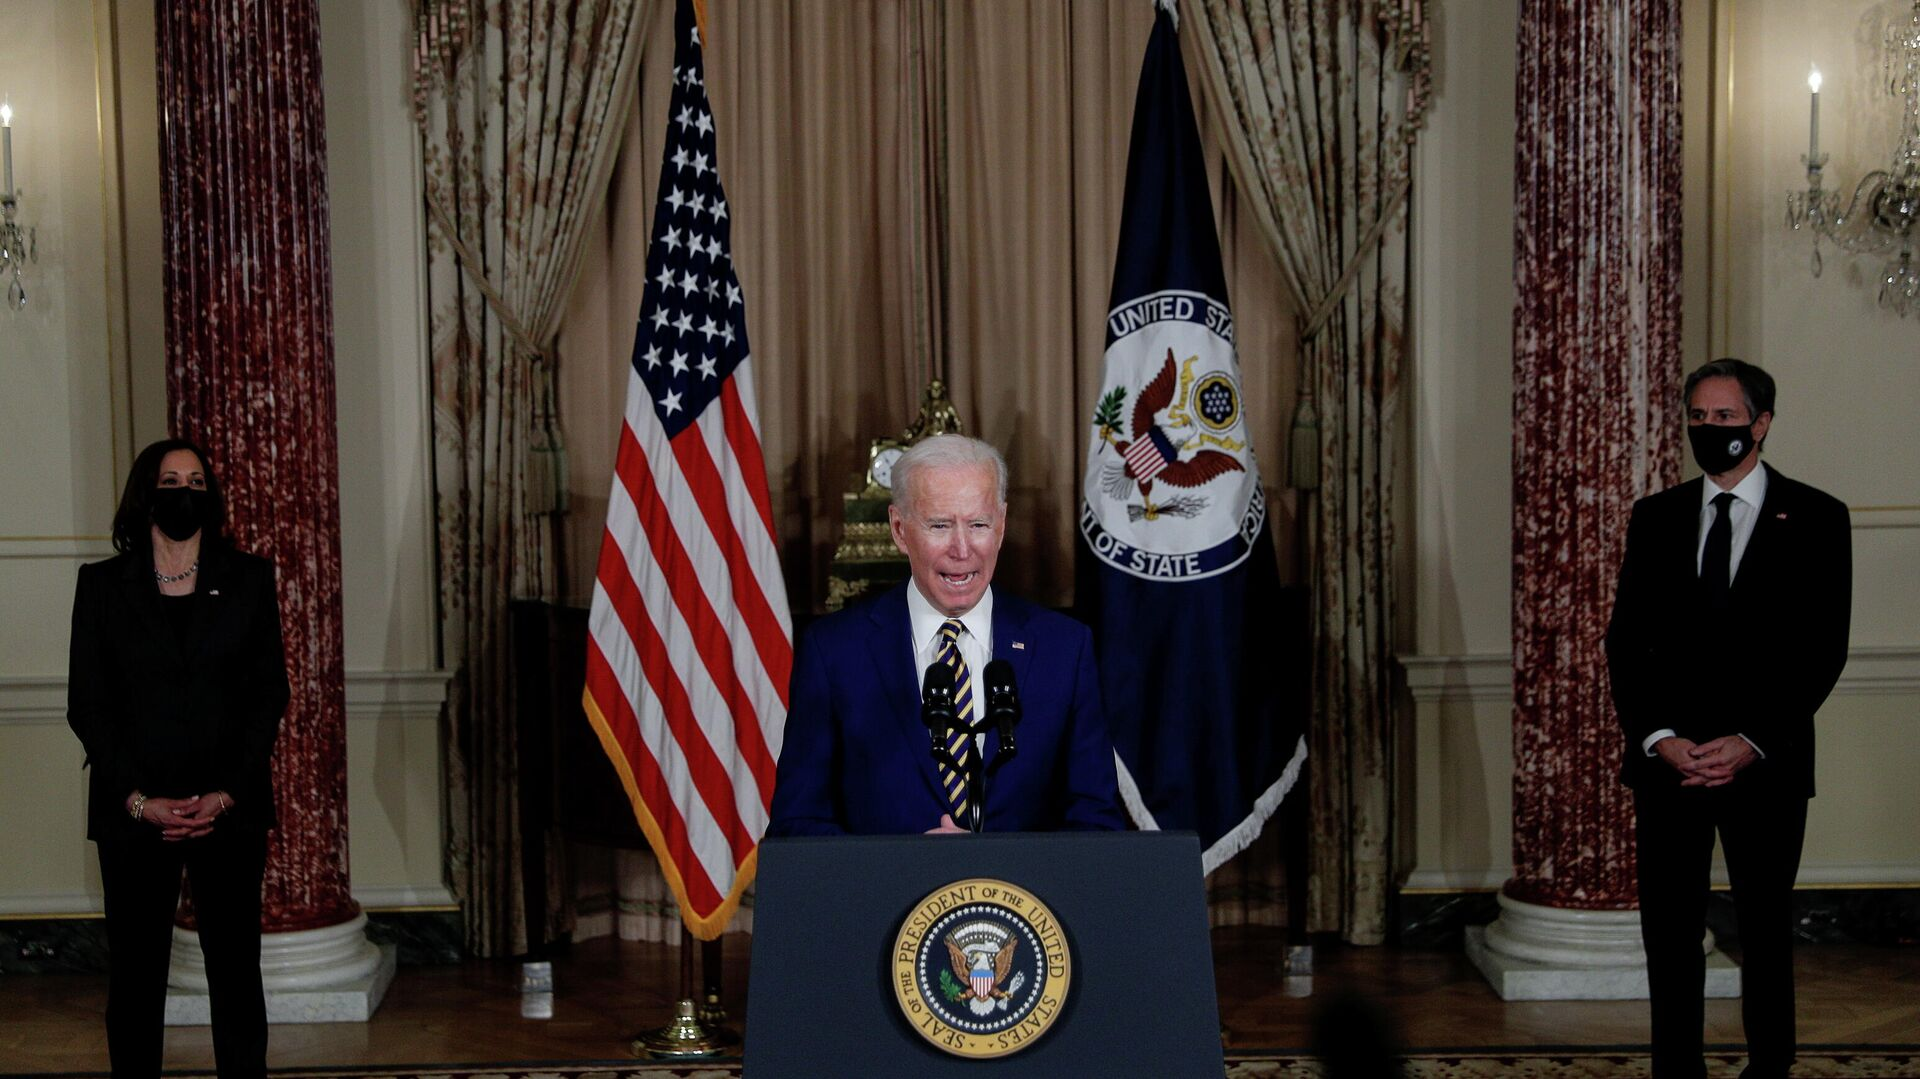 Президент США Джо Байден выступает с программной речью по вопросам внешней политики в Государственном департамент в Вашингтоне - РИА Новости, 1920, 17.02.2021